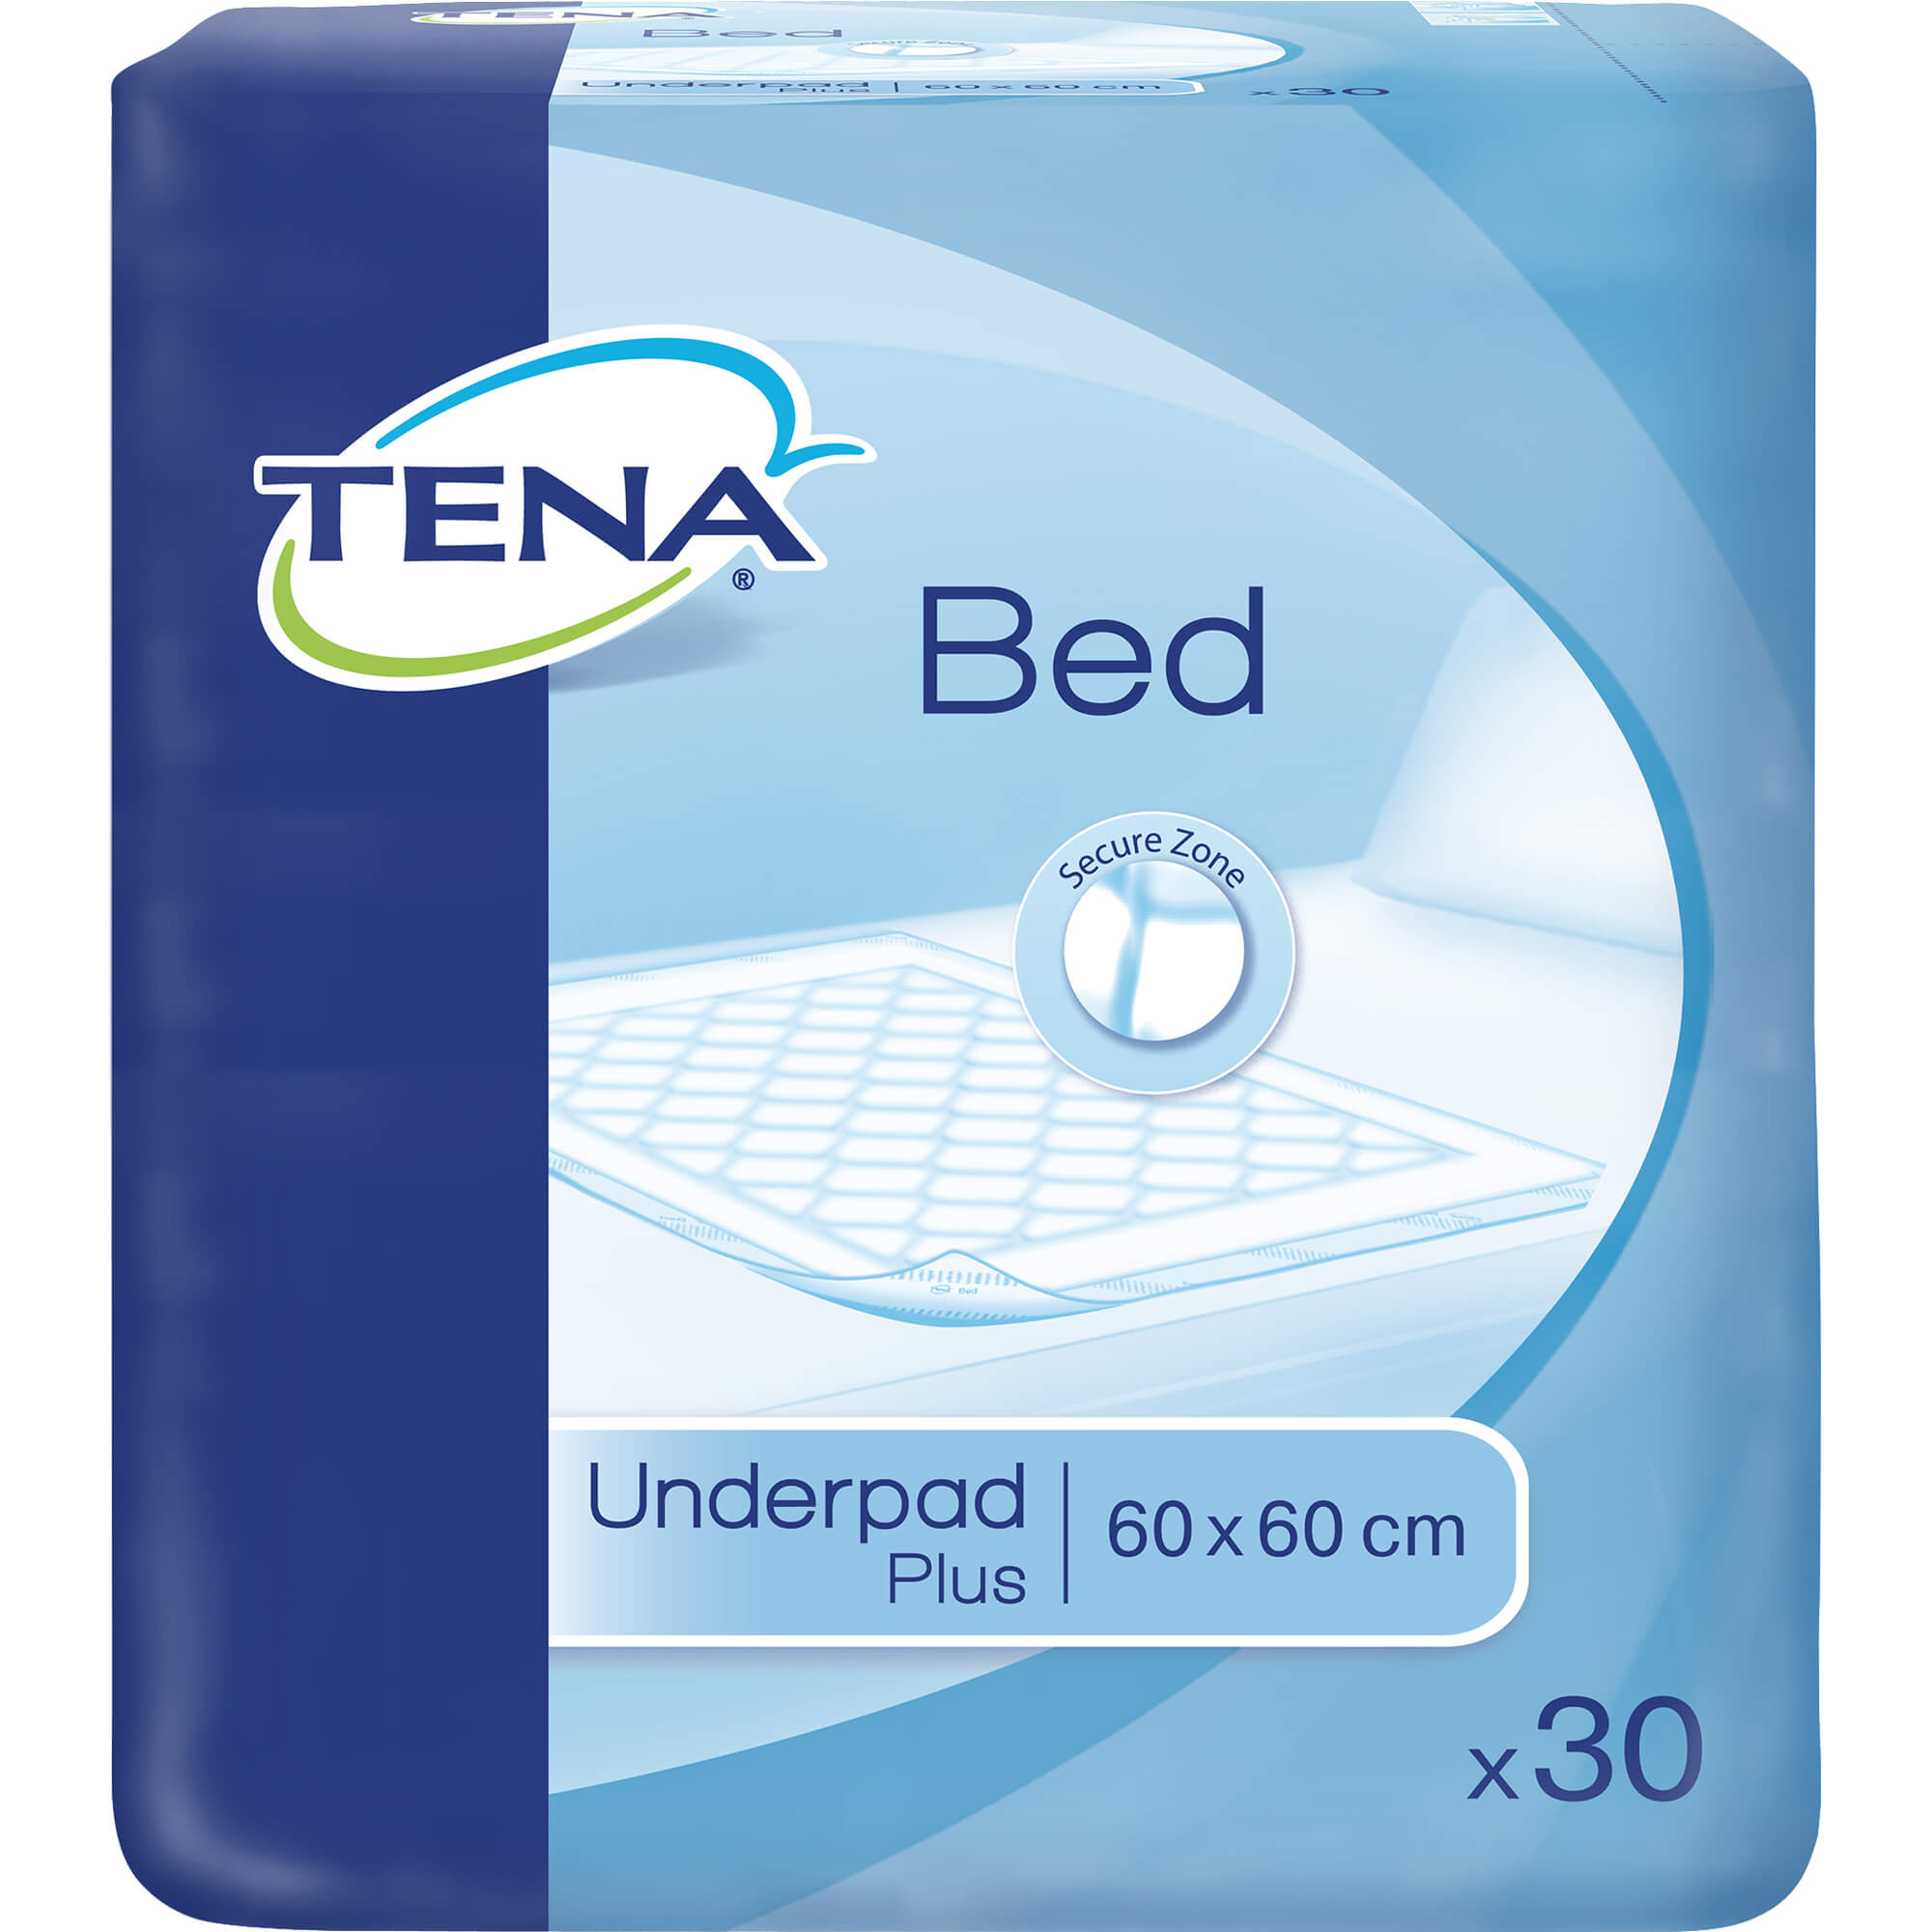 TENA BED plus 60x60 cm